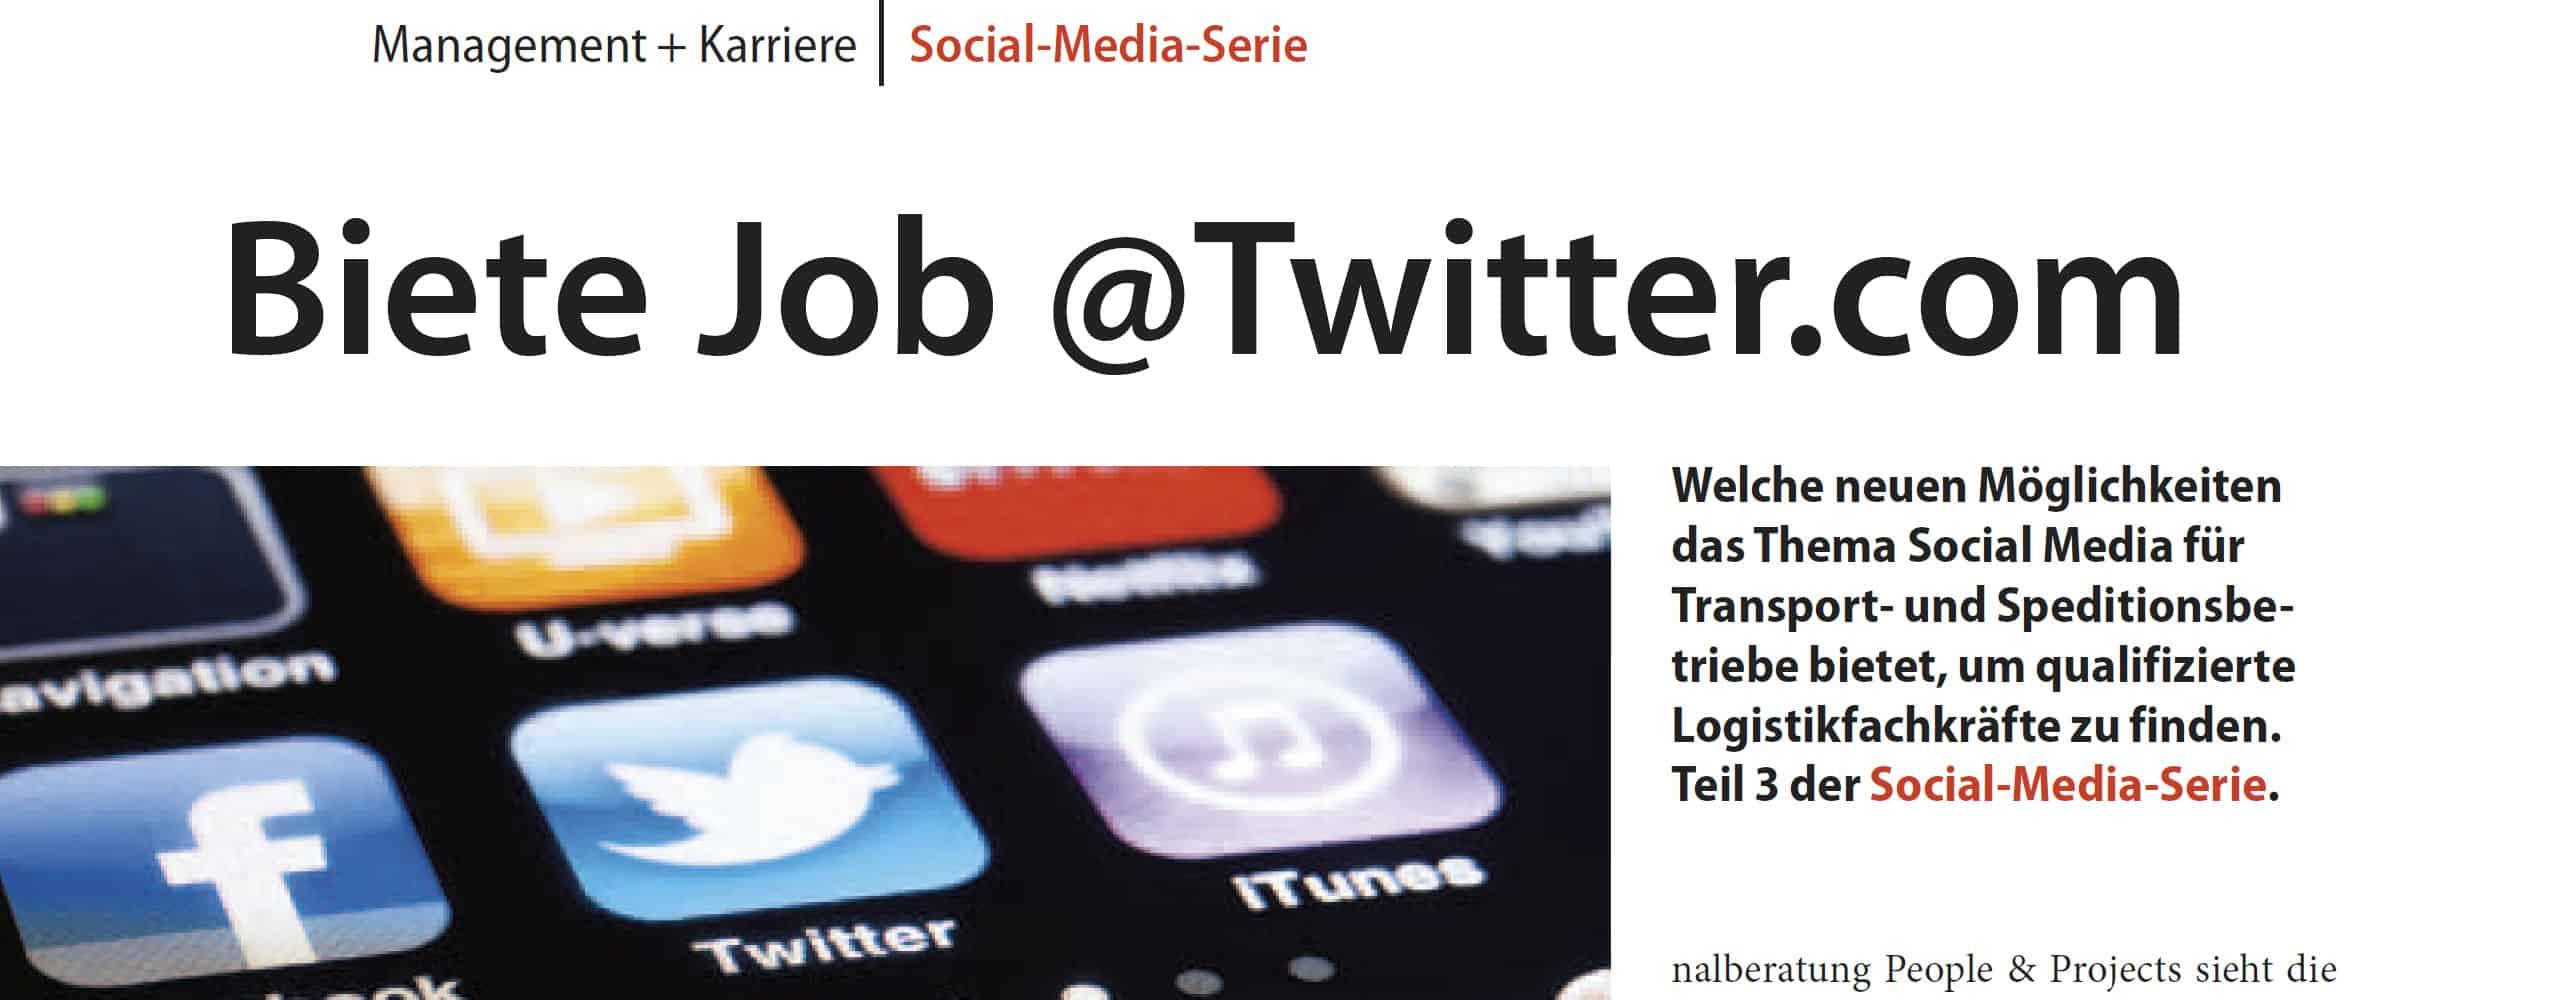 Biete Job at Twitter